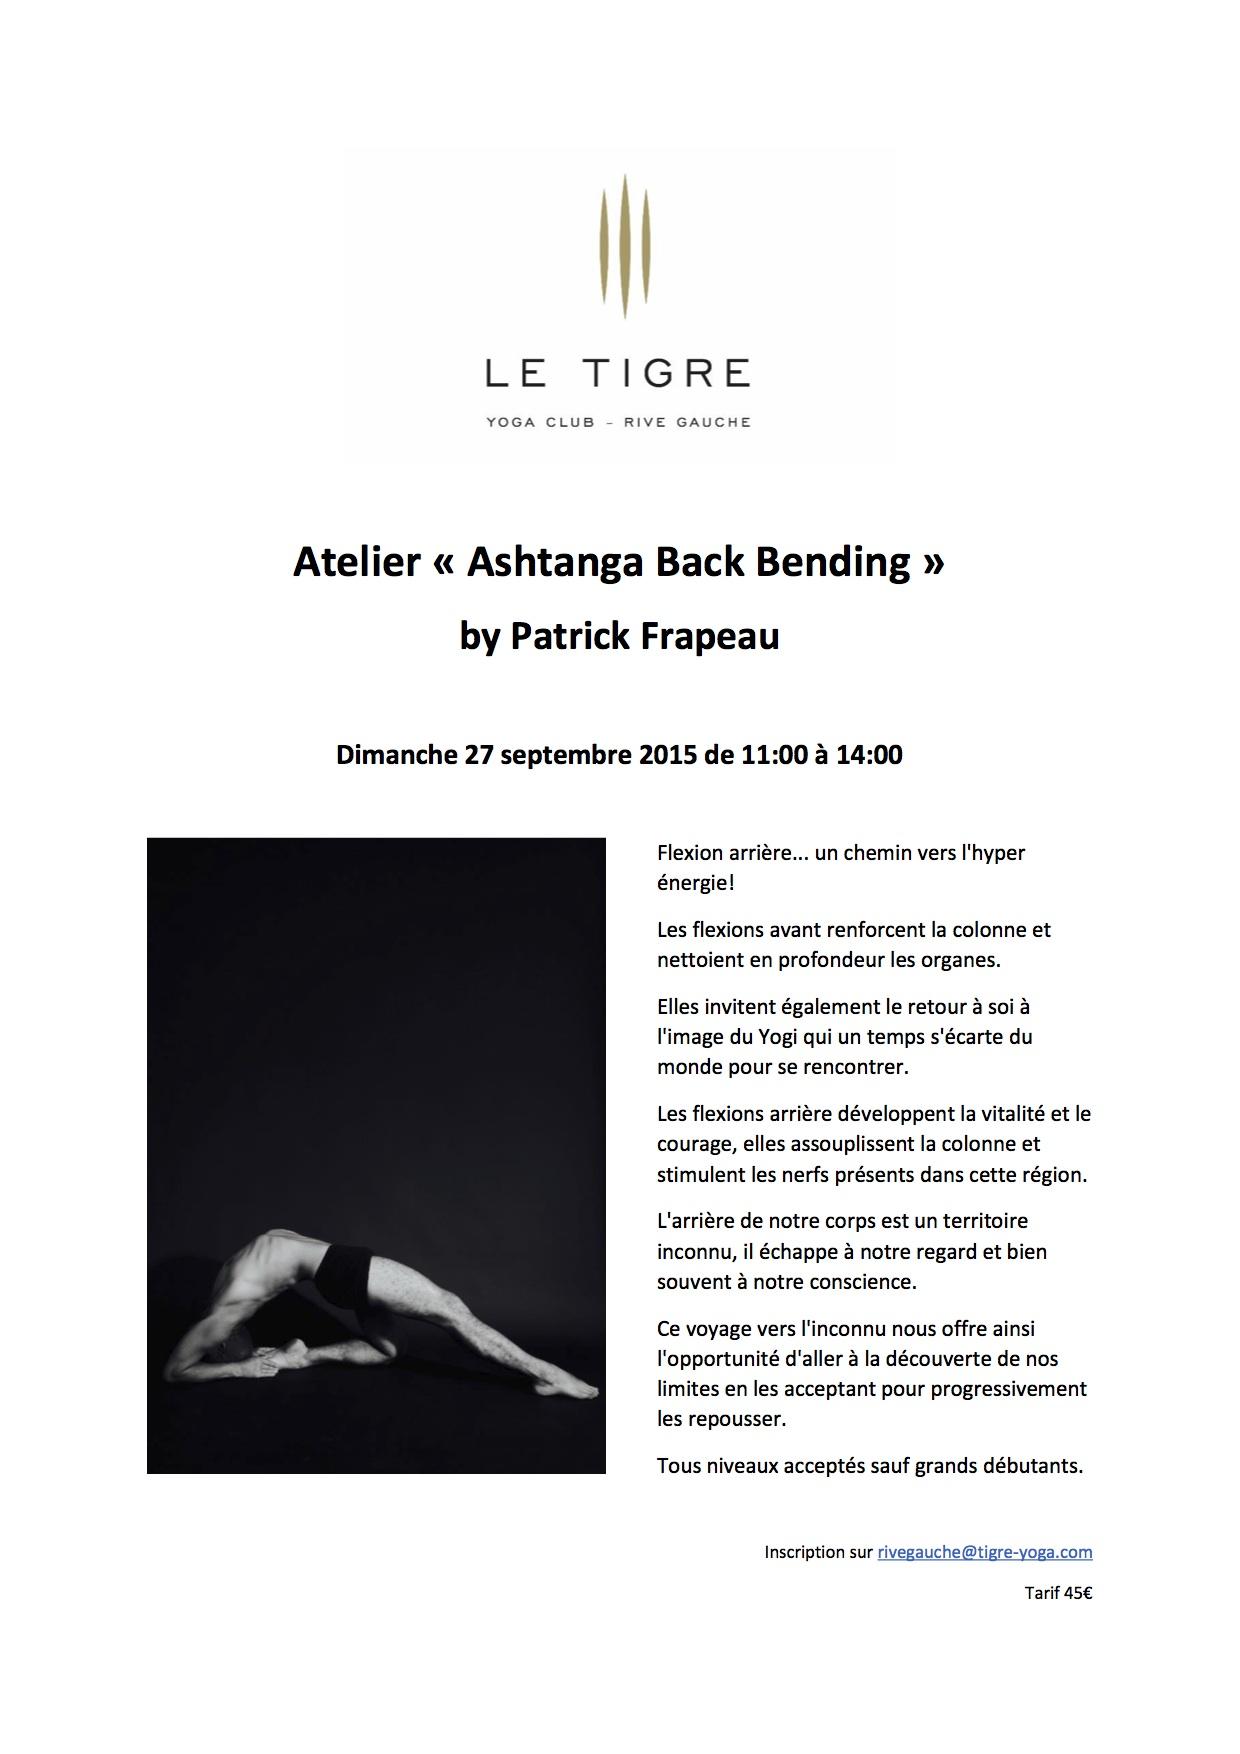 back-bend avec patrick frapeau yoga